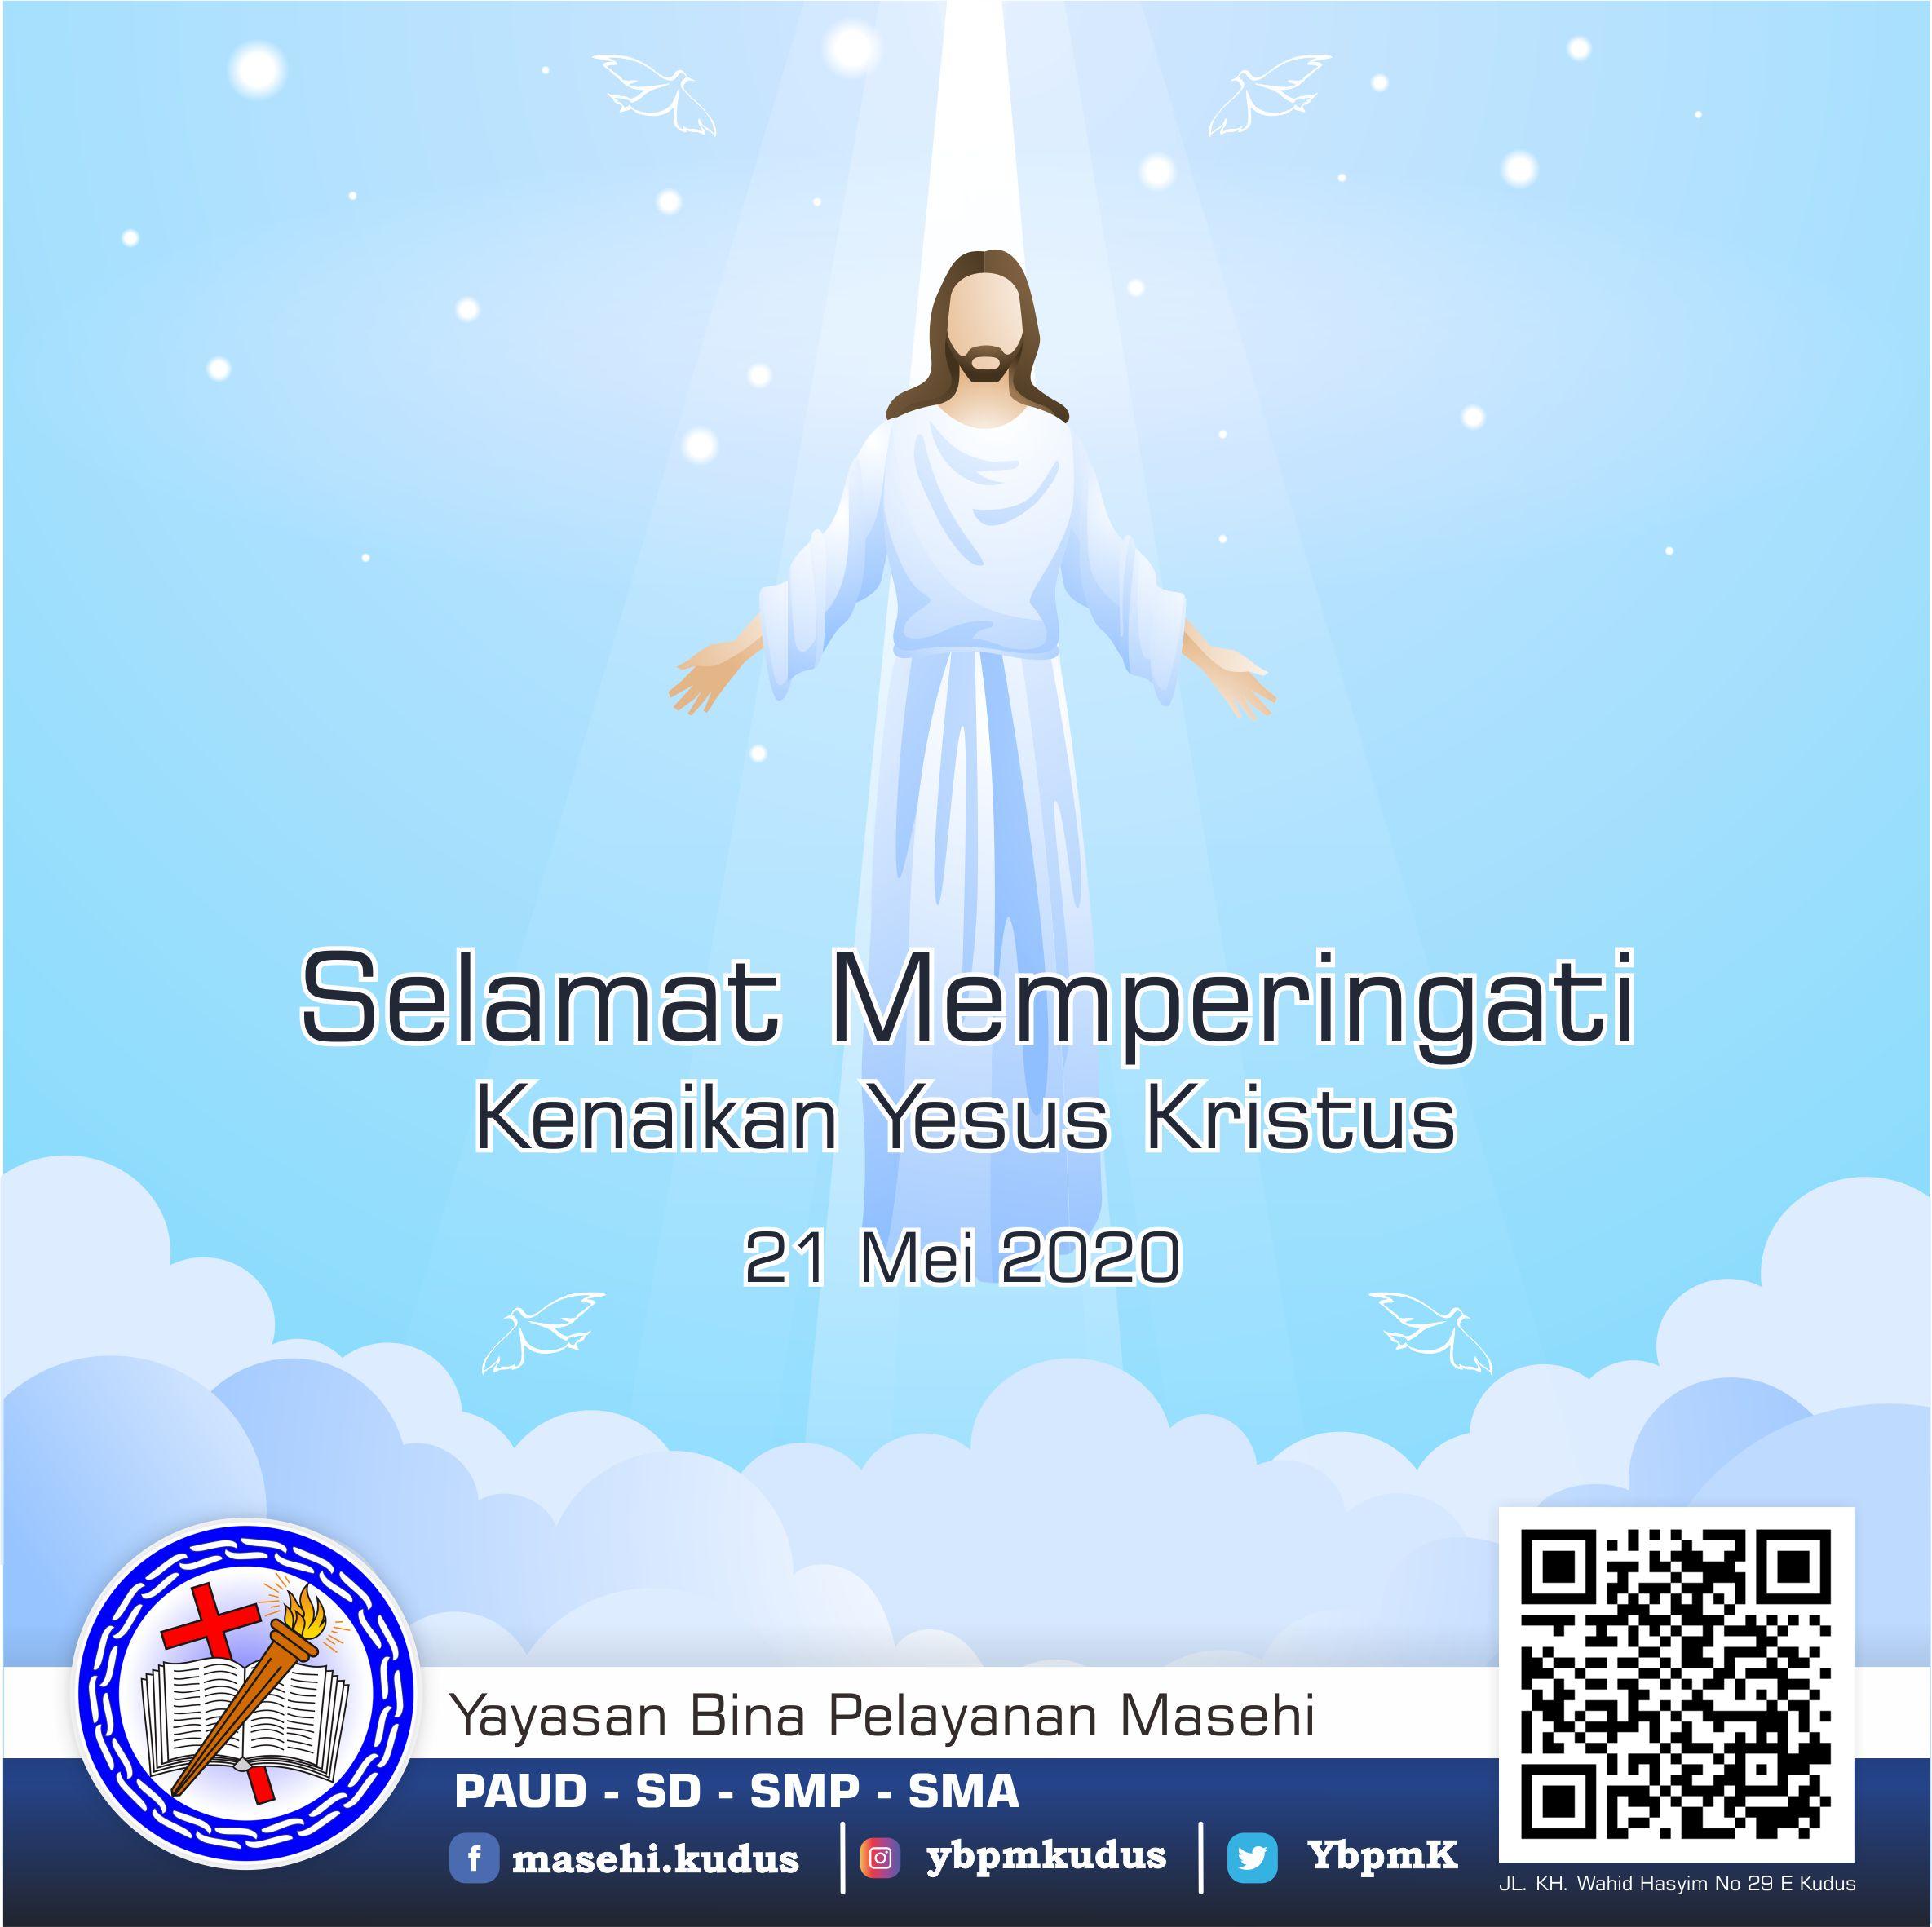 Selamat Memperingati Hari Kenaikan Yesus Kristus